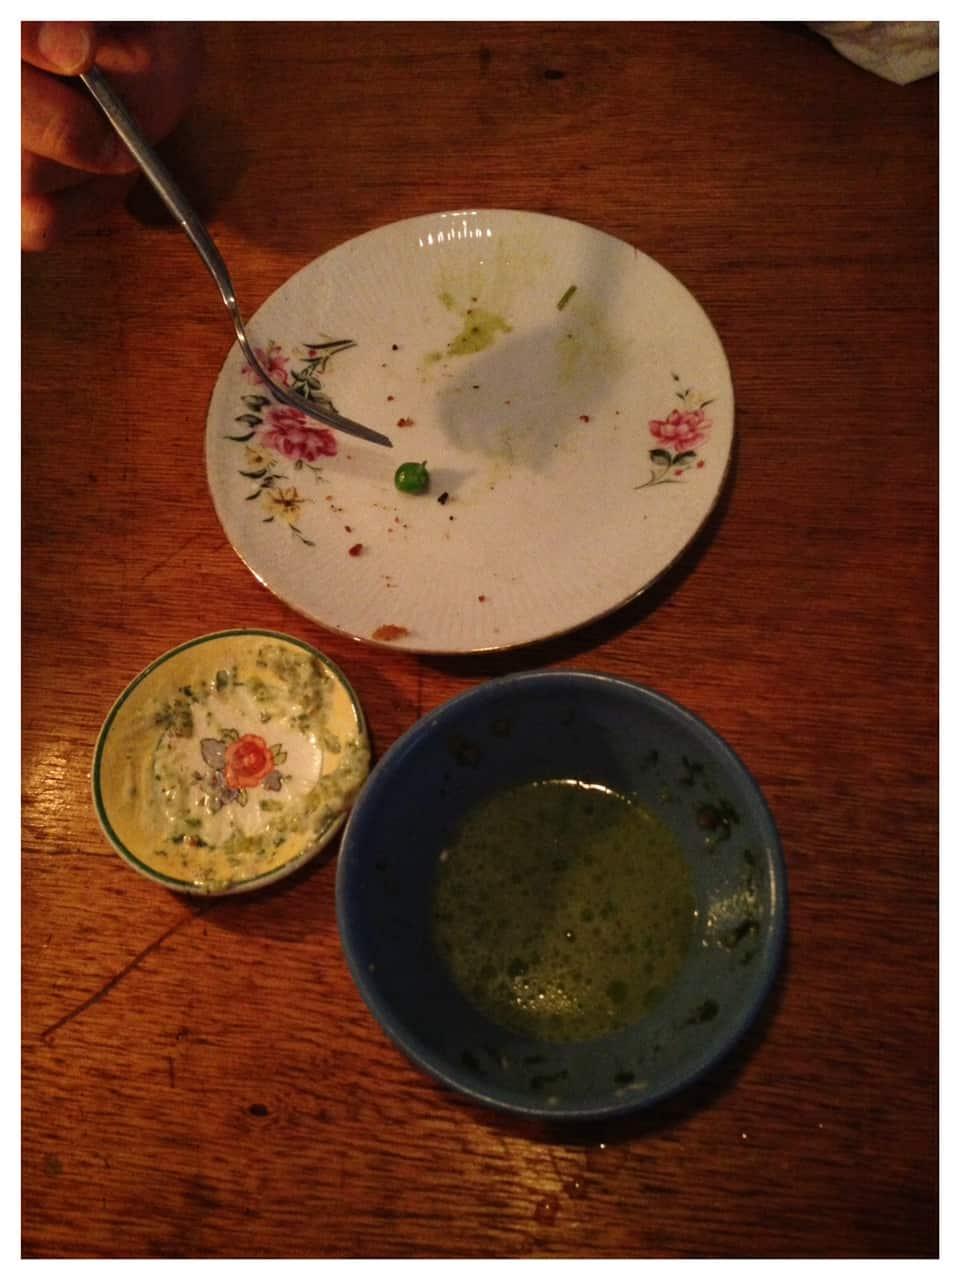 Svenske nosser med dansk tartarsauce - efter 5 minutter